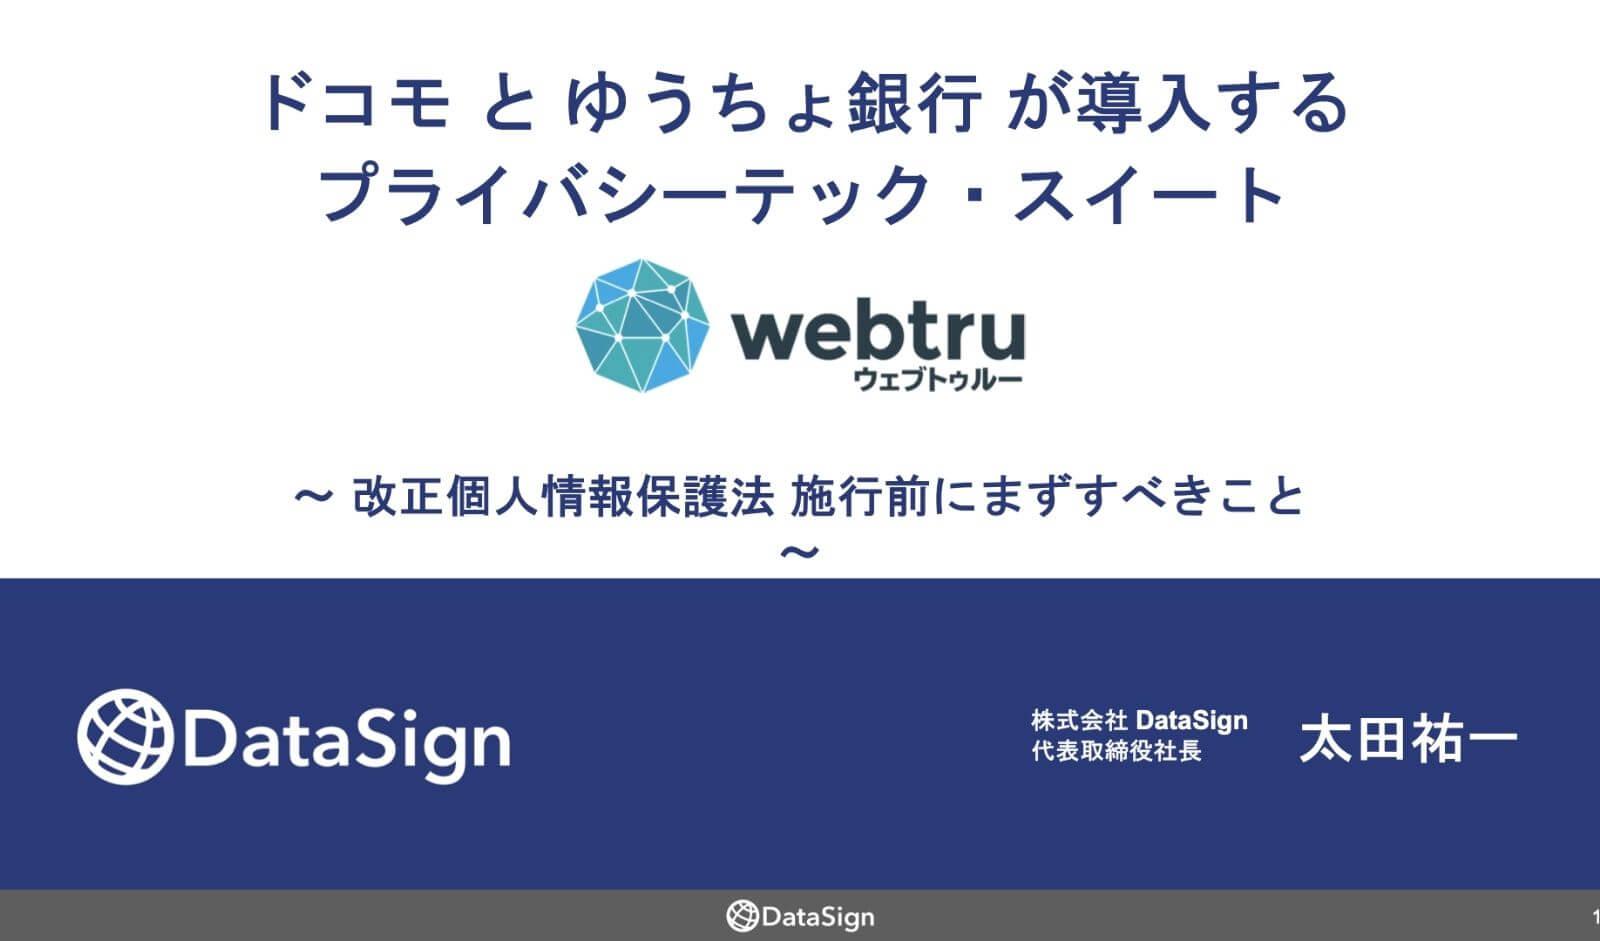 ドコモとゆうちょ銀行が導入するプライバシーテック・スイート「webtru」〜改正個人情報保護法施行前にまずすべきこと〜